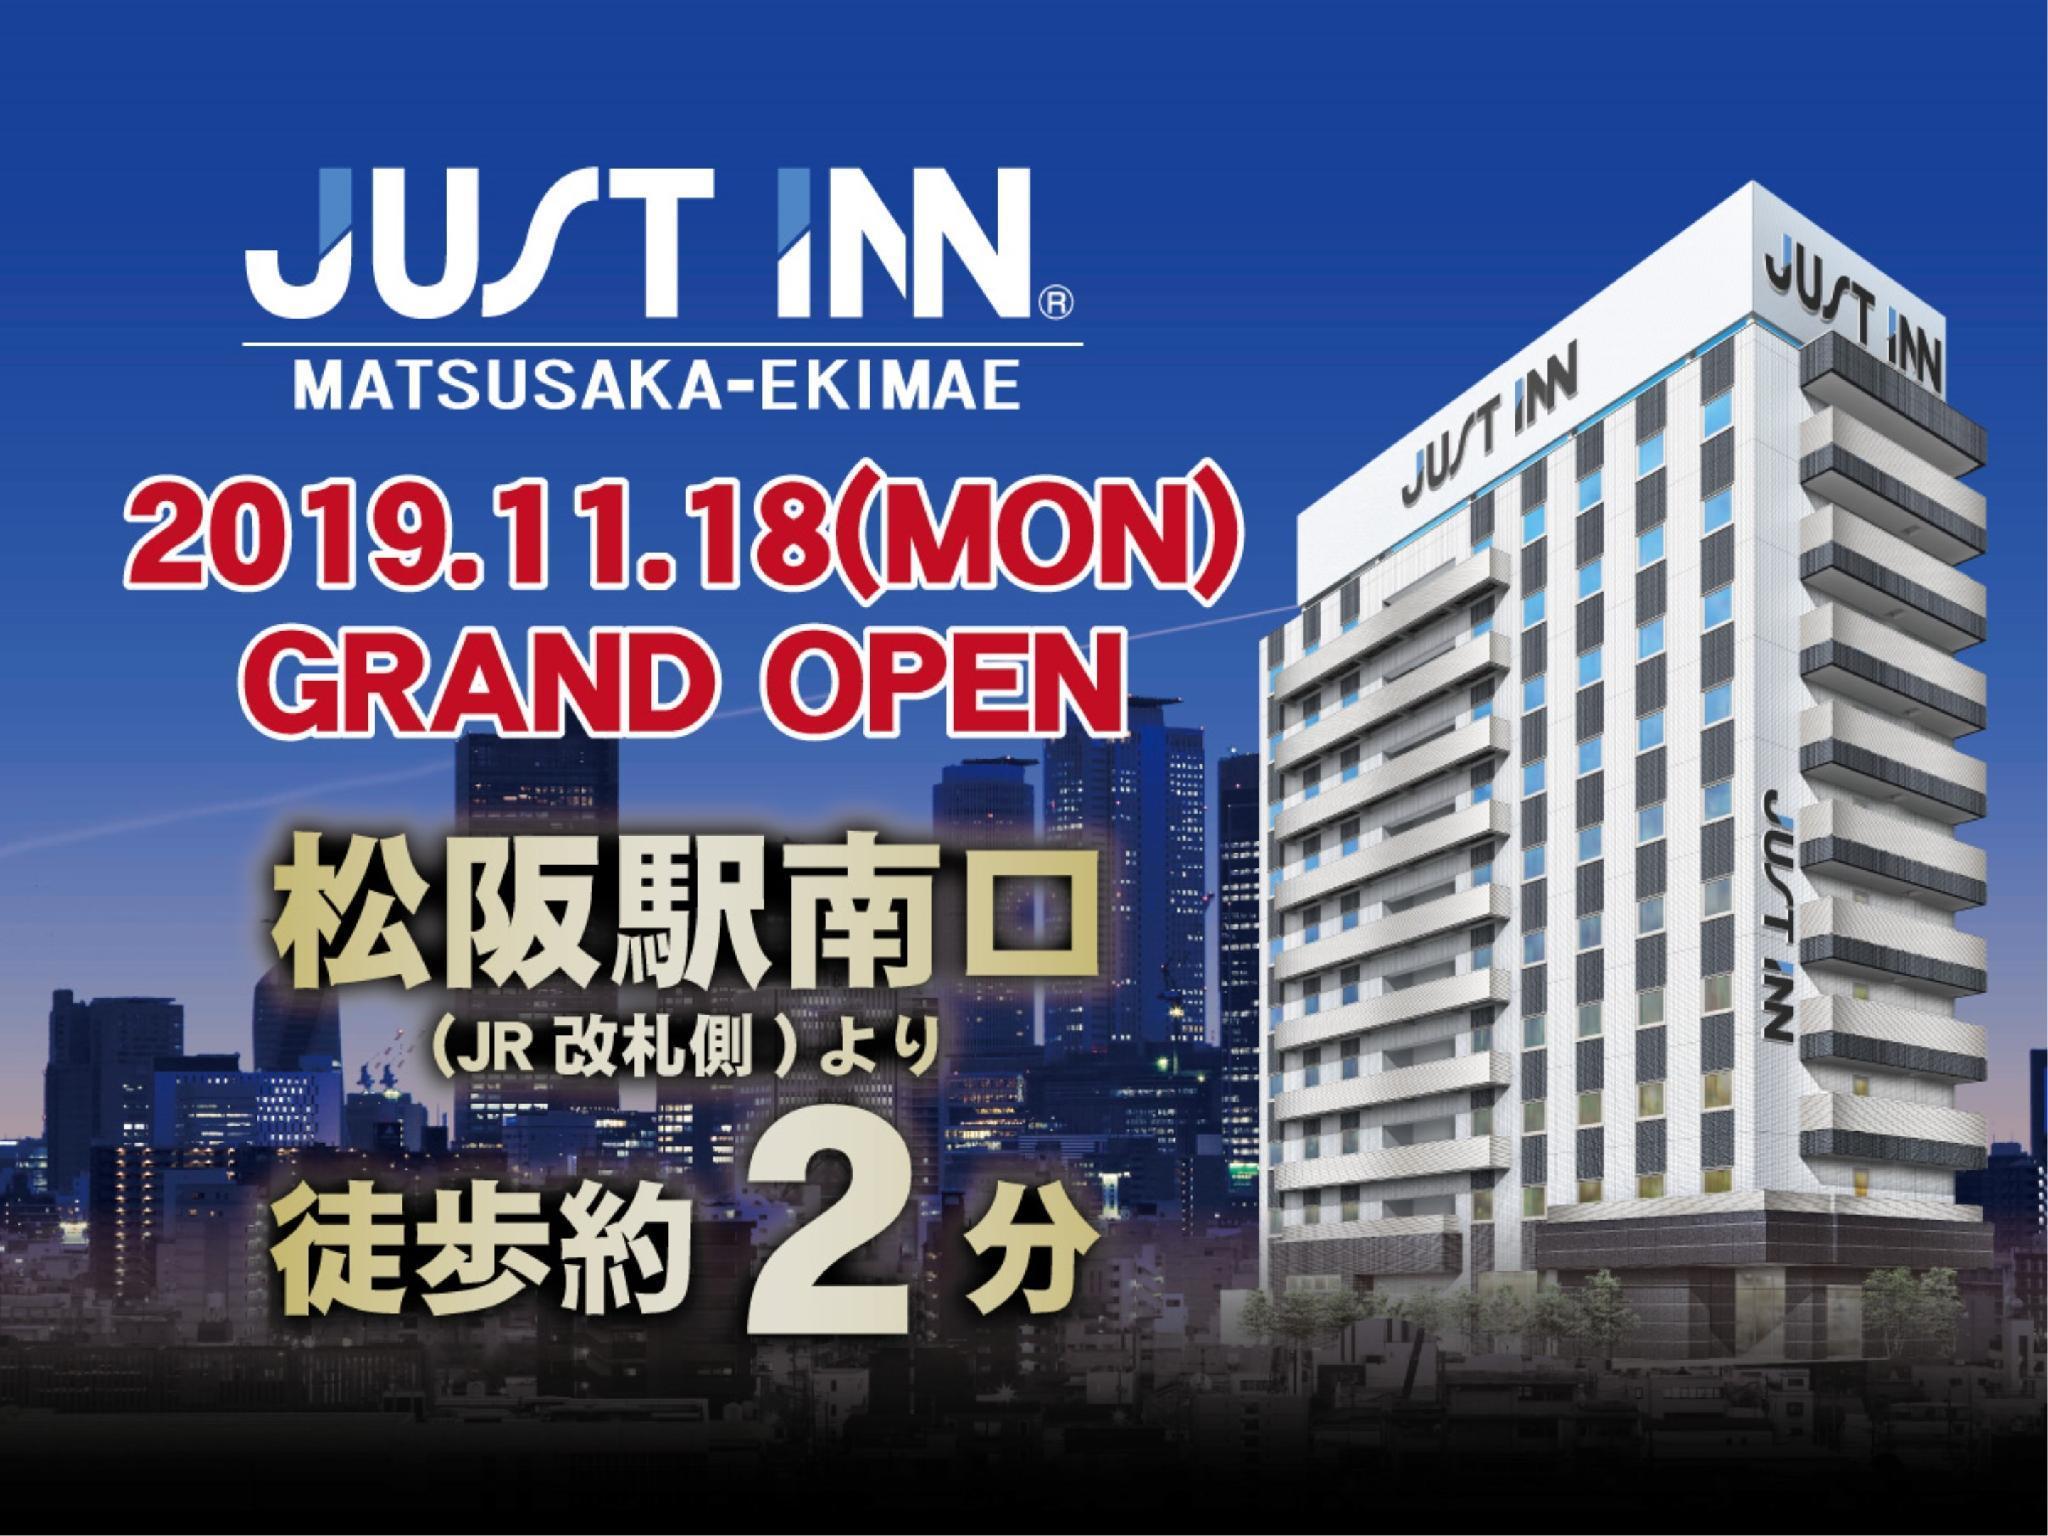 Just Inn Matsusaka Ekimae